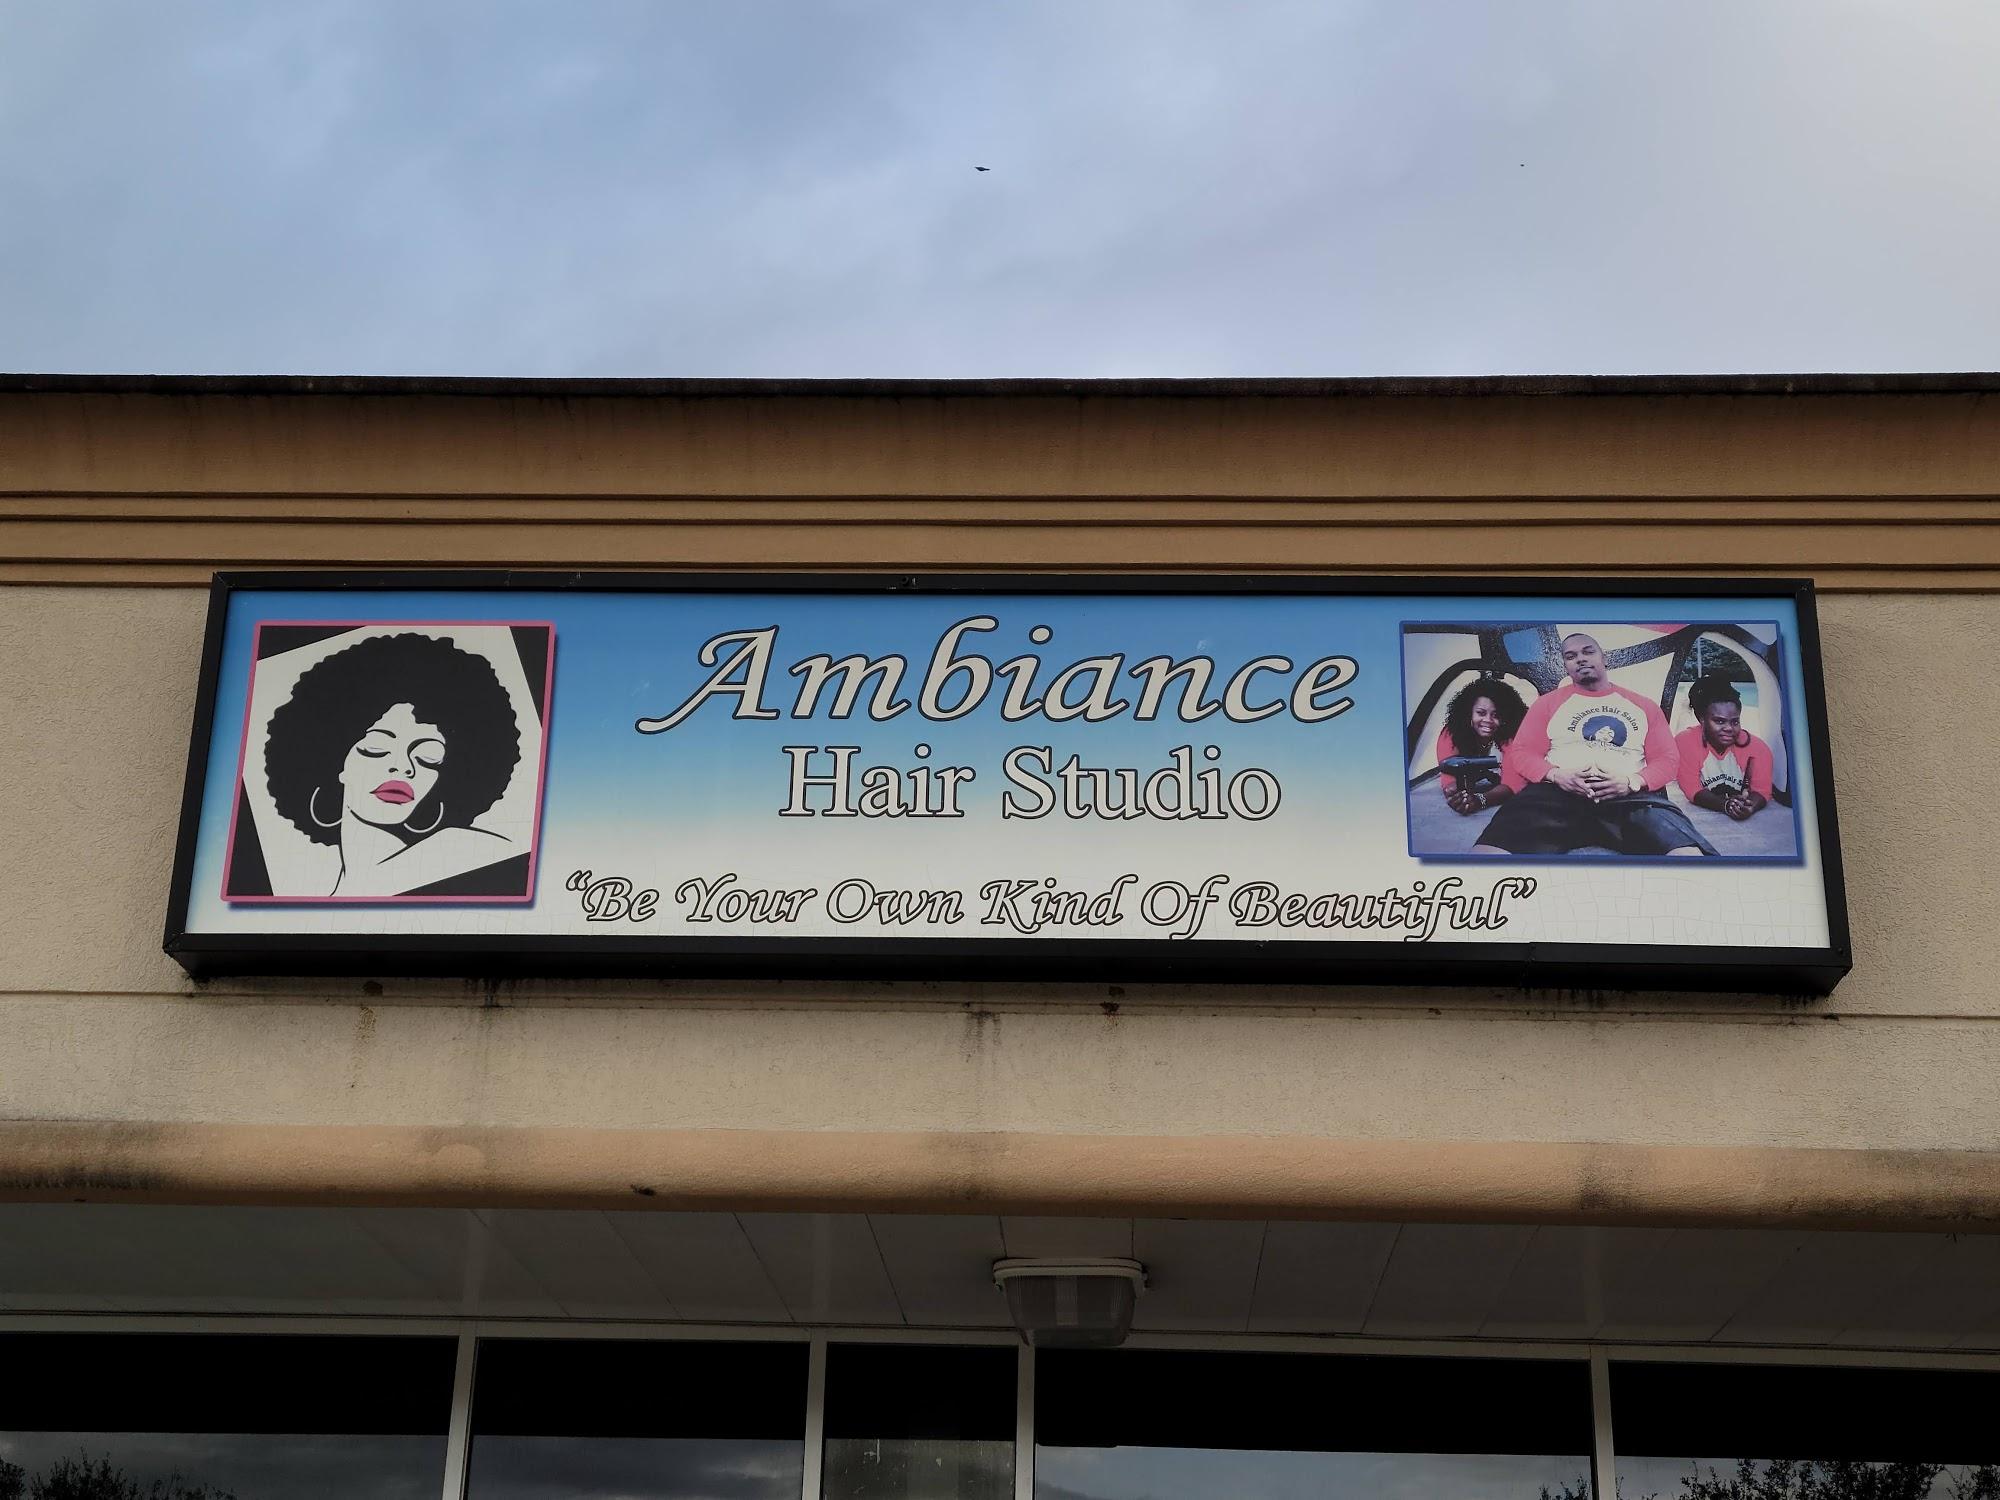 Ambiance Hair Studio 5405 T C Jester Blvd Ste. F, Houston